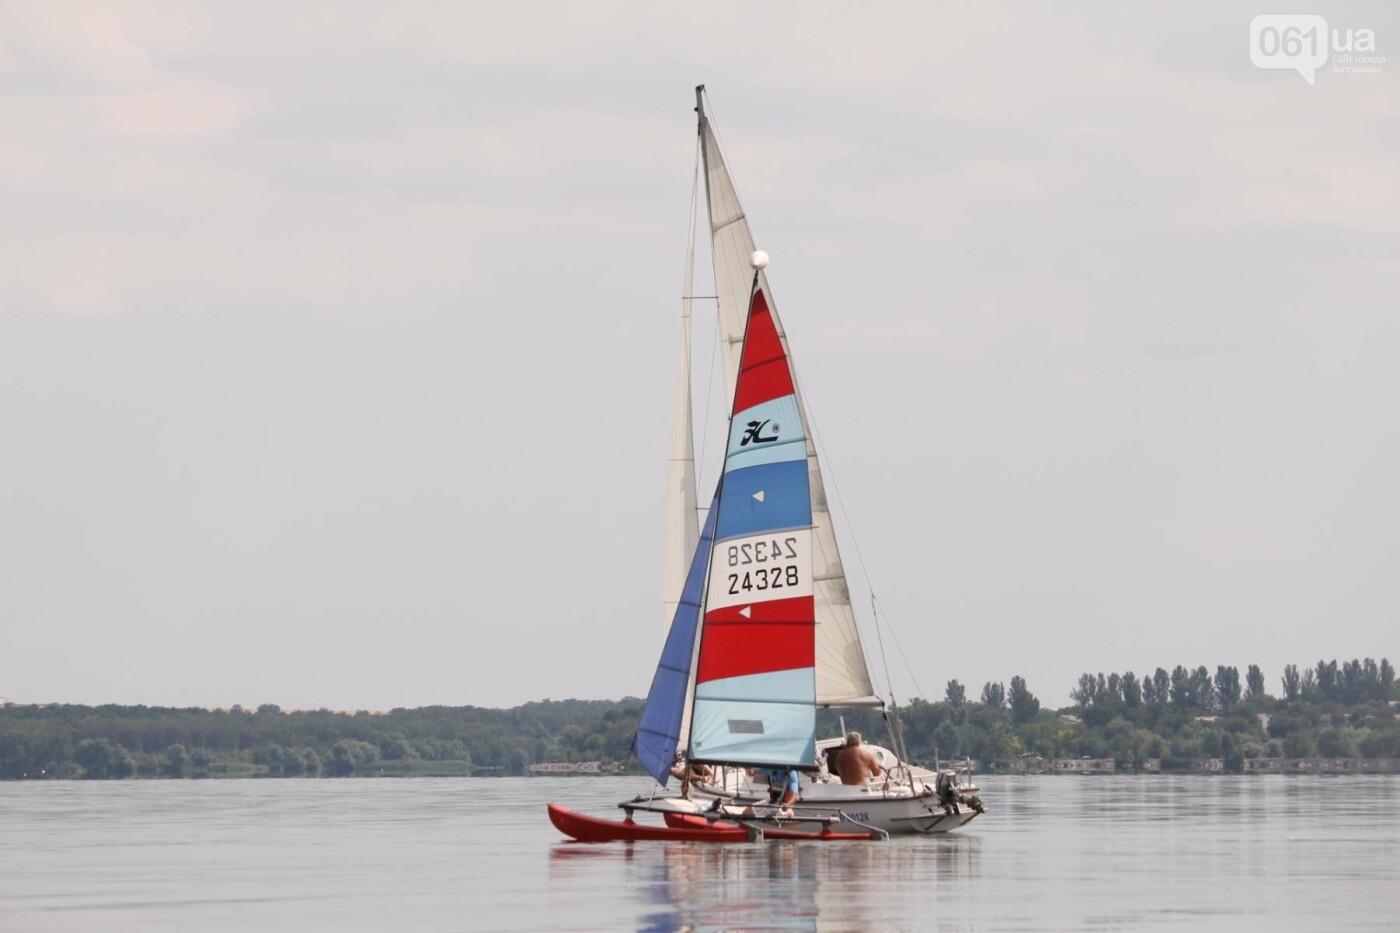 Сотни спортсменов и десятки яхт: как в Запорожье проходит парусная регата, – ФОТОРЕПОРТАЖ, фото-29